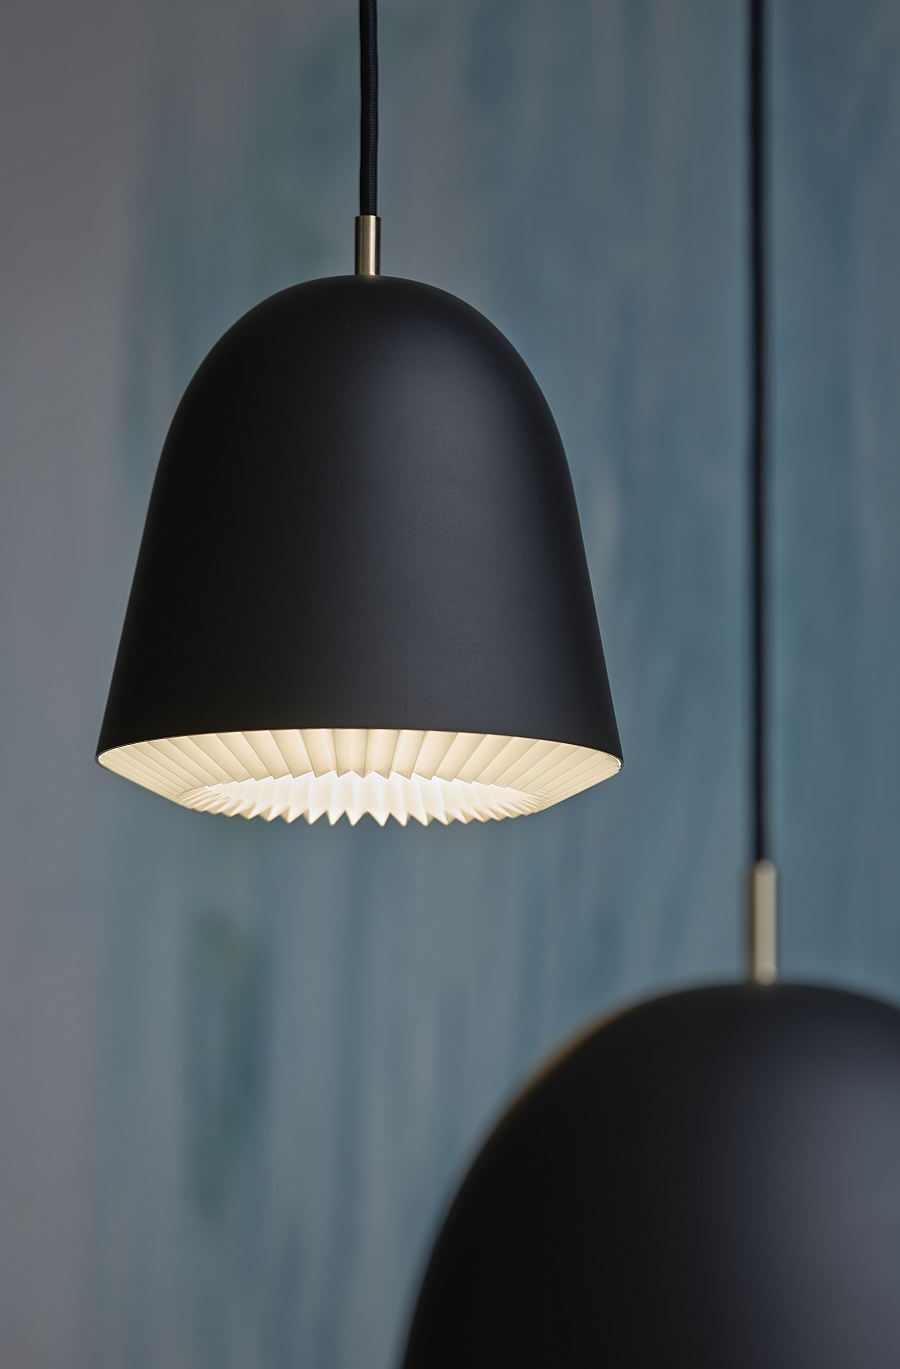 Aluminum luminaires from the Danish design studio Le Klint